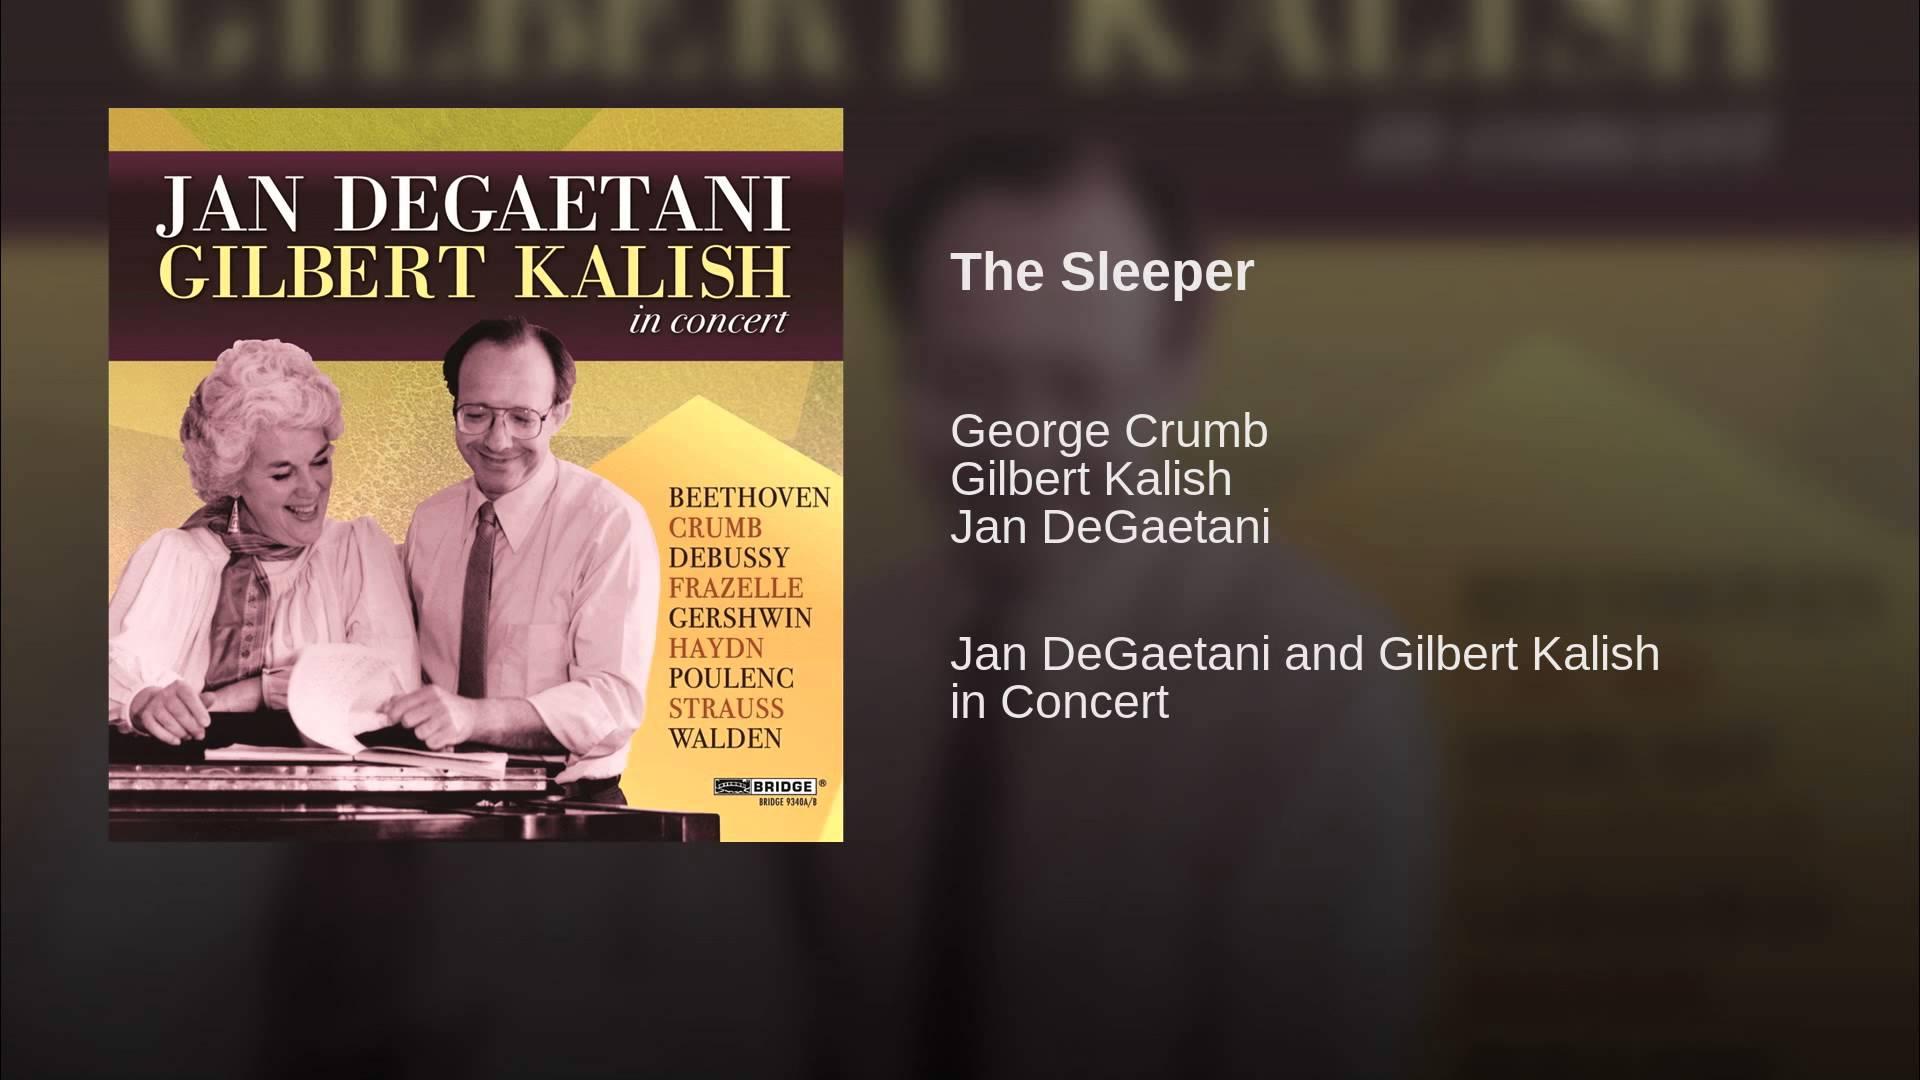 George Crumb: The Sleeper